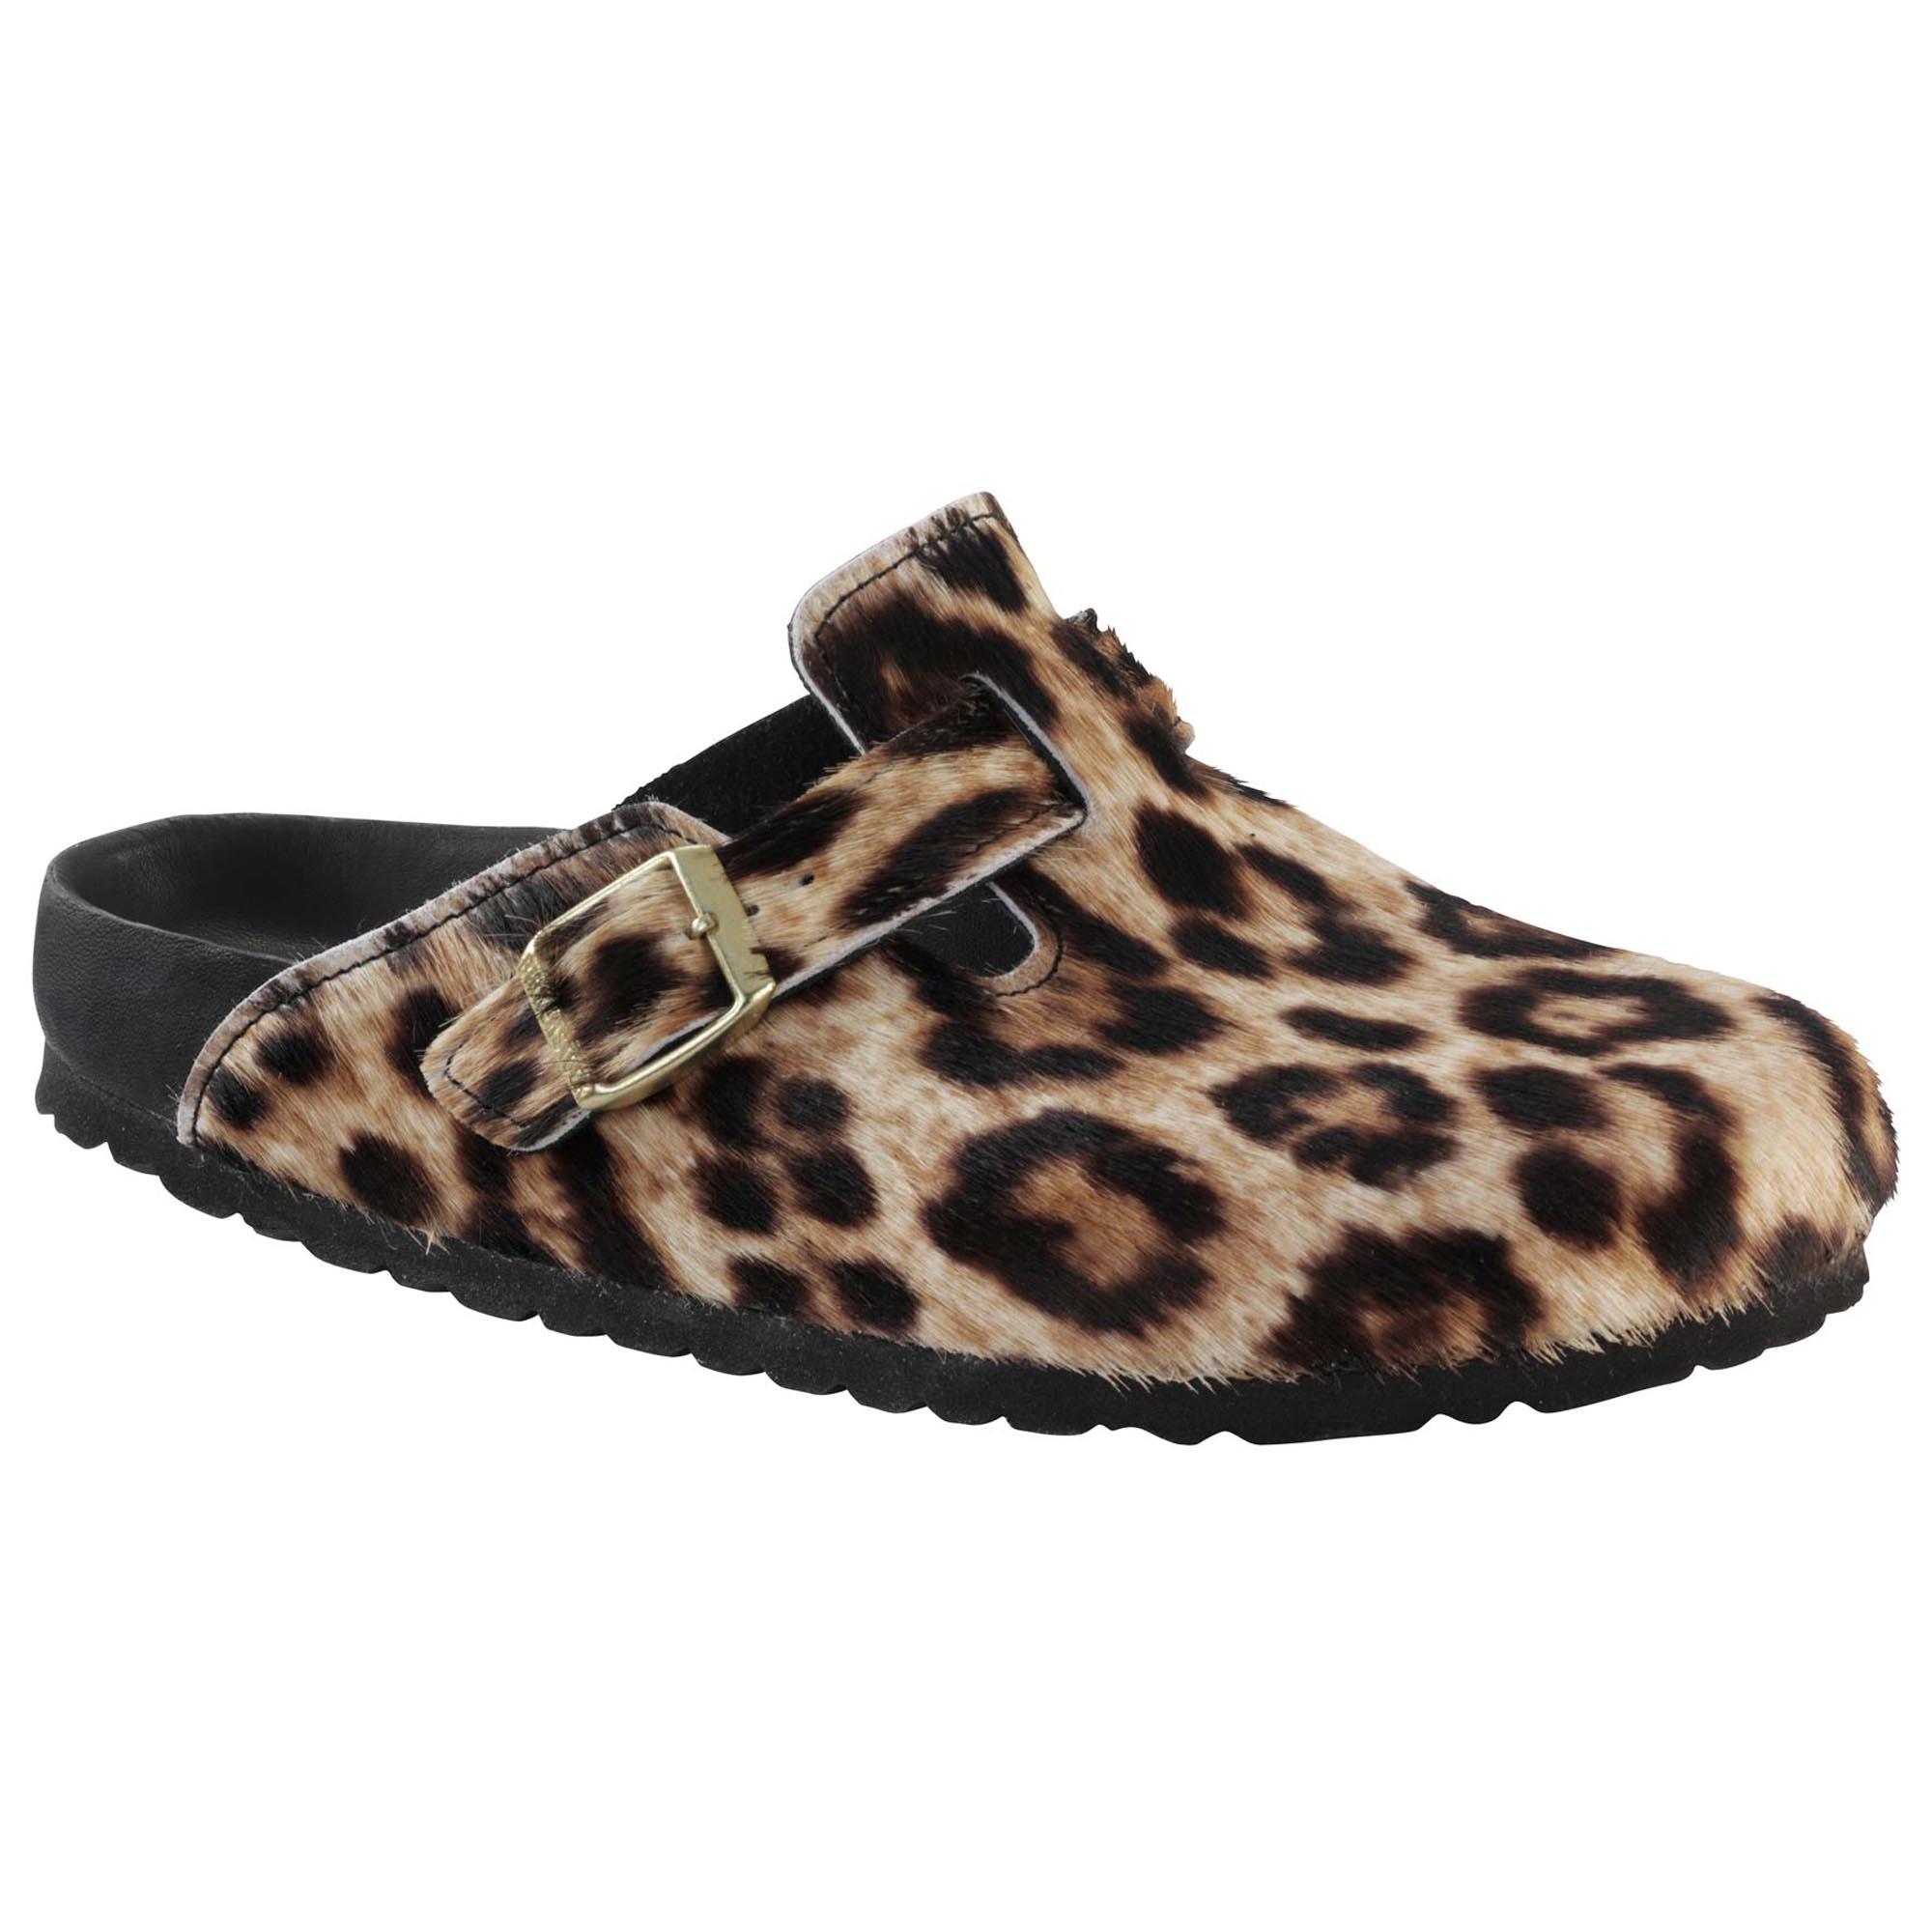 leopard print Birkenstock style